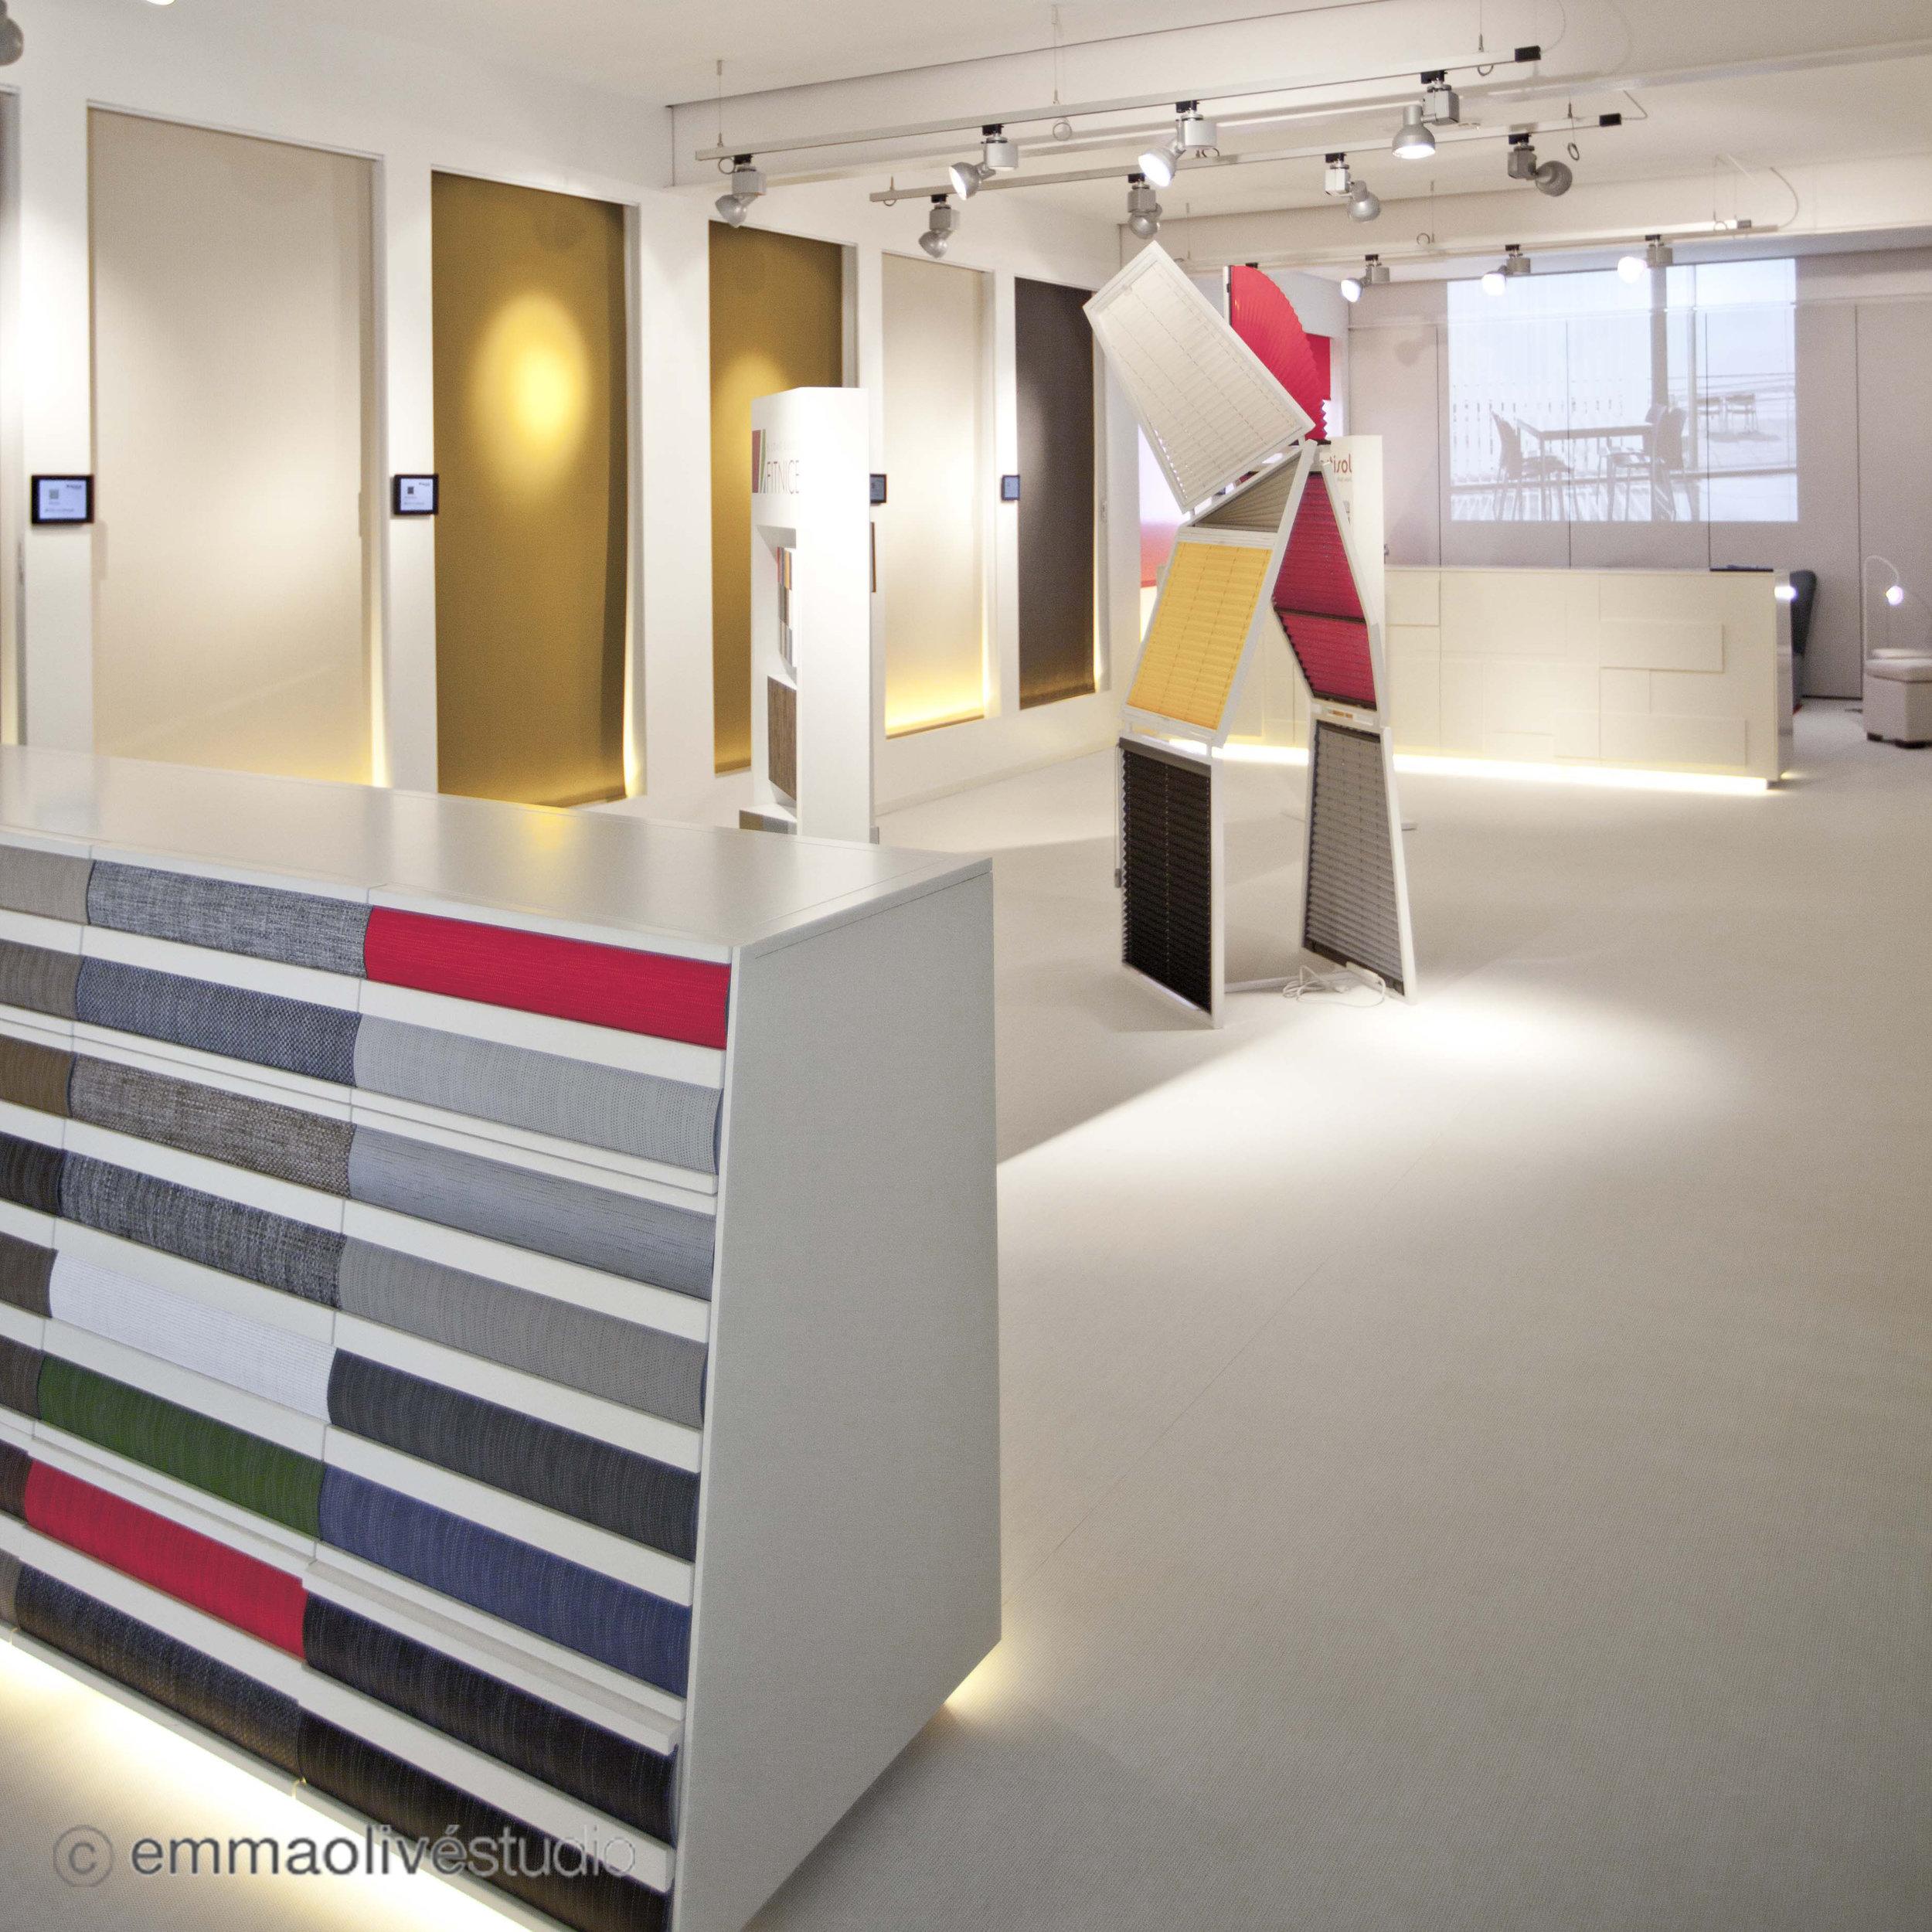 showroom_04.jpg